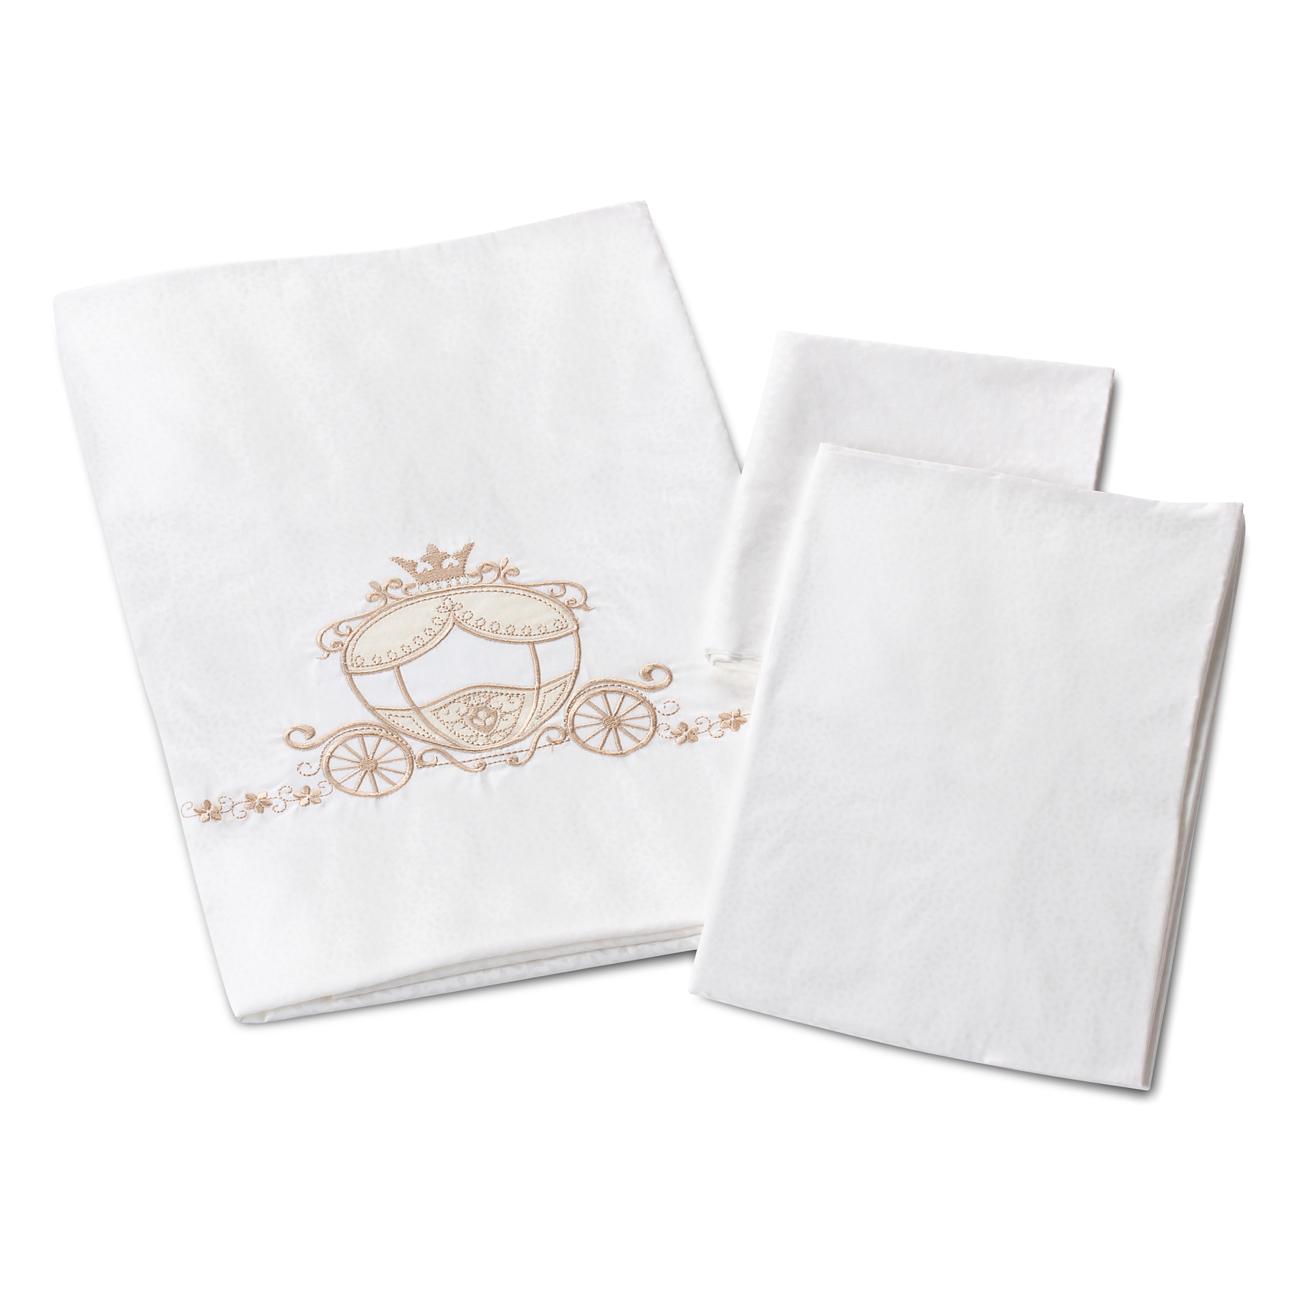 Комплект в кроватку - Prestigio Atlante, 6 предметовДетское постельное белье<br>Комплект в кроватку - Prestigio Atlante, 6 предметов<br>